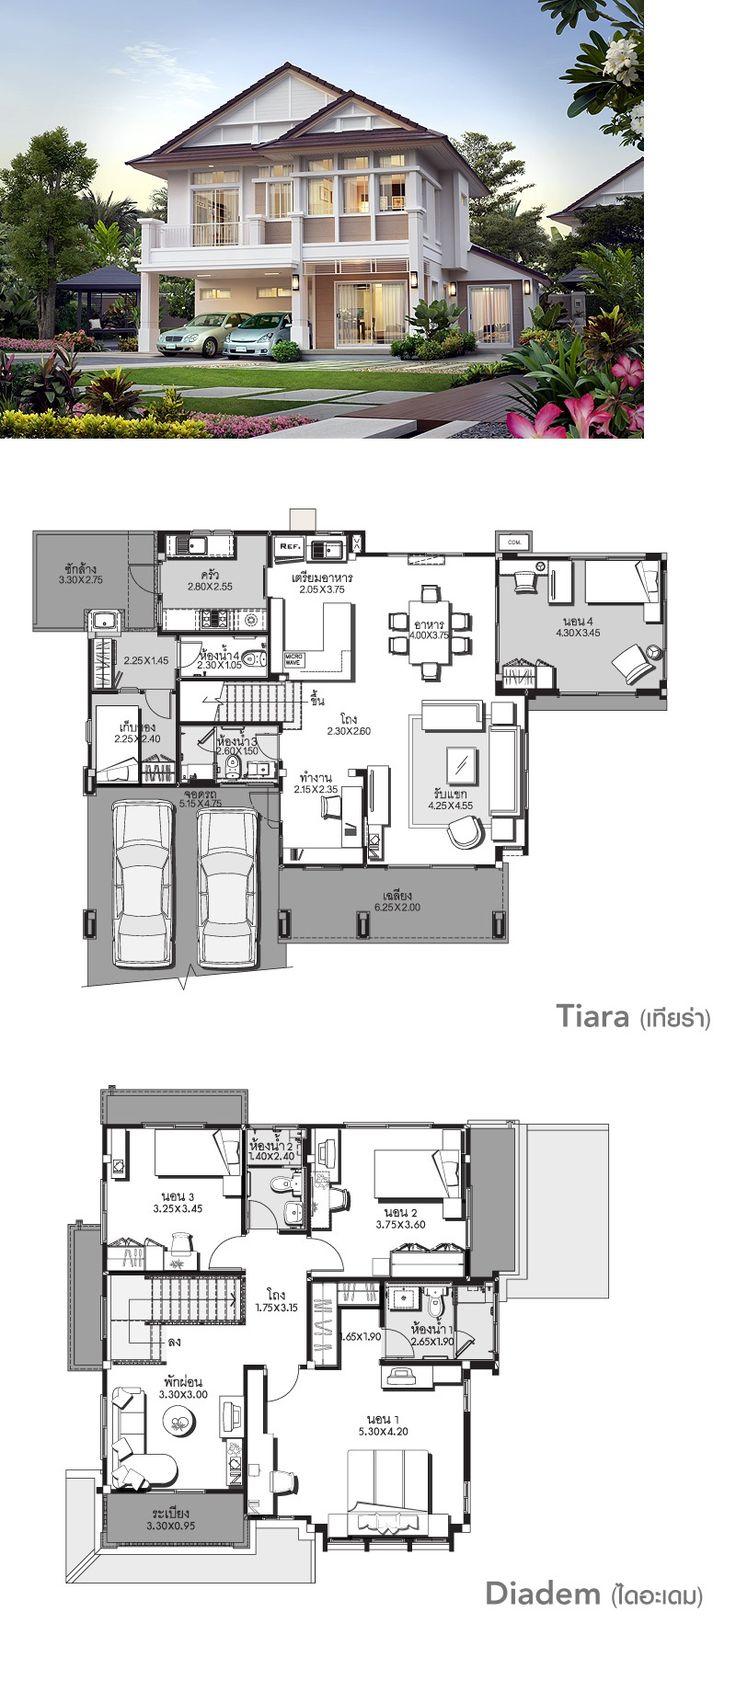 Oltre 25 fantastiche idee su planimetrie di case su for Piani portici anteriori